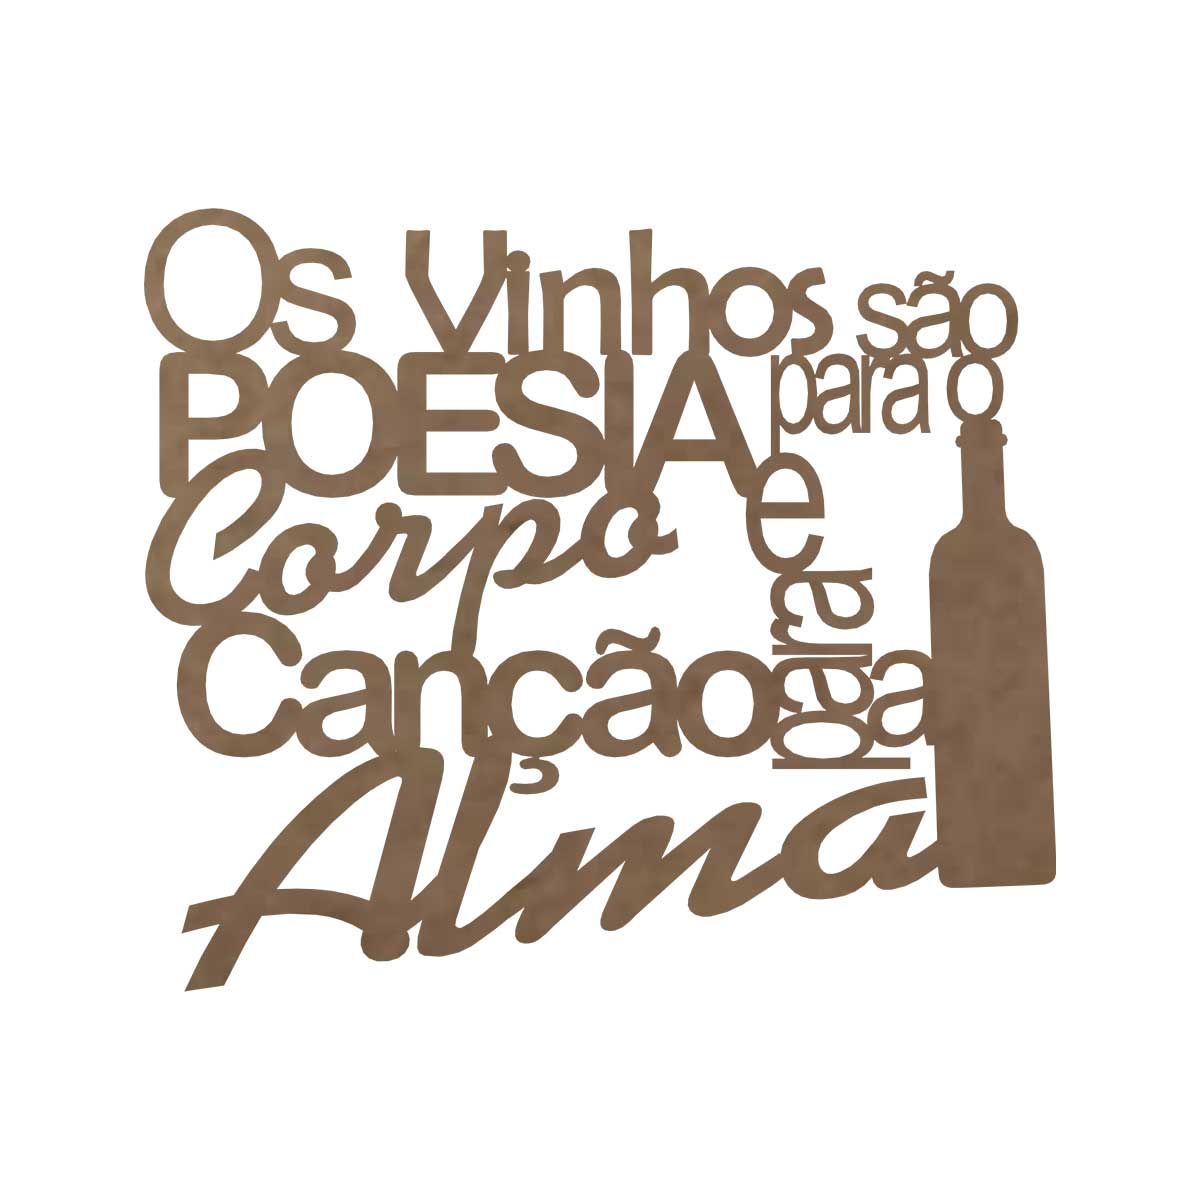 Frase em MDF - Aplique - Vinhos são poesia para o corpo e poesia para alma